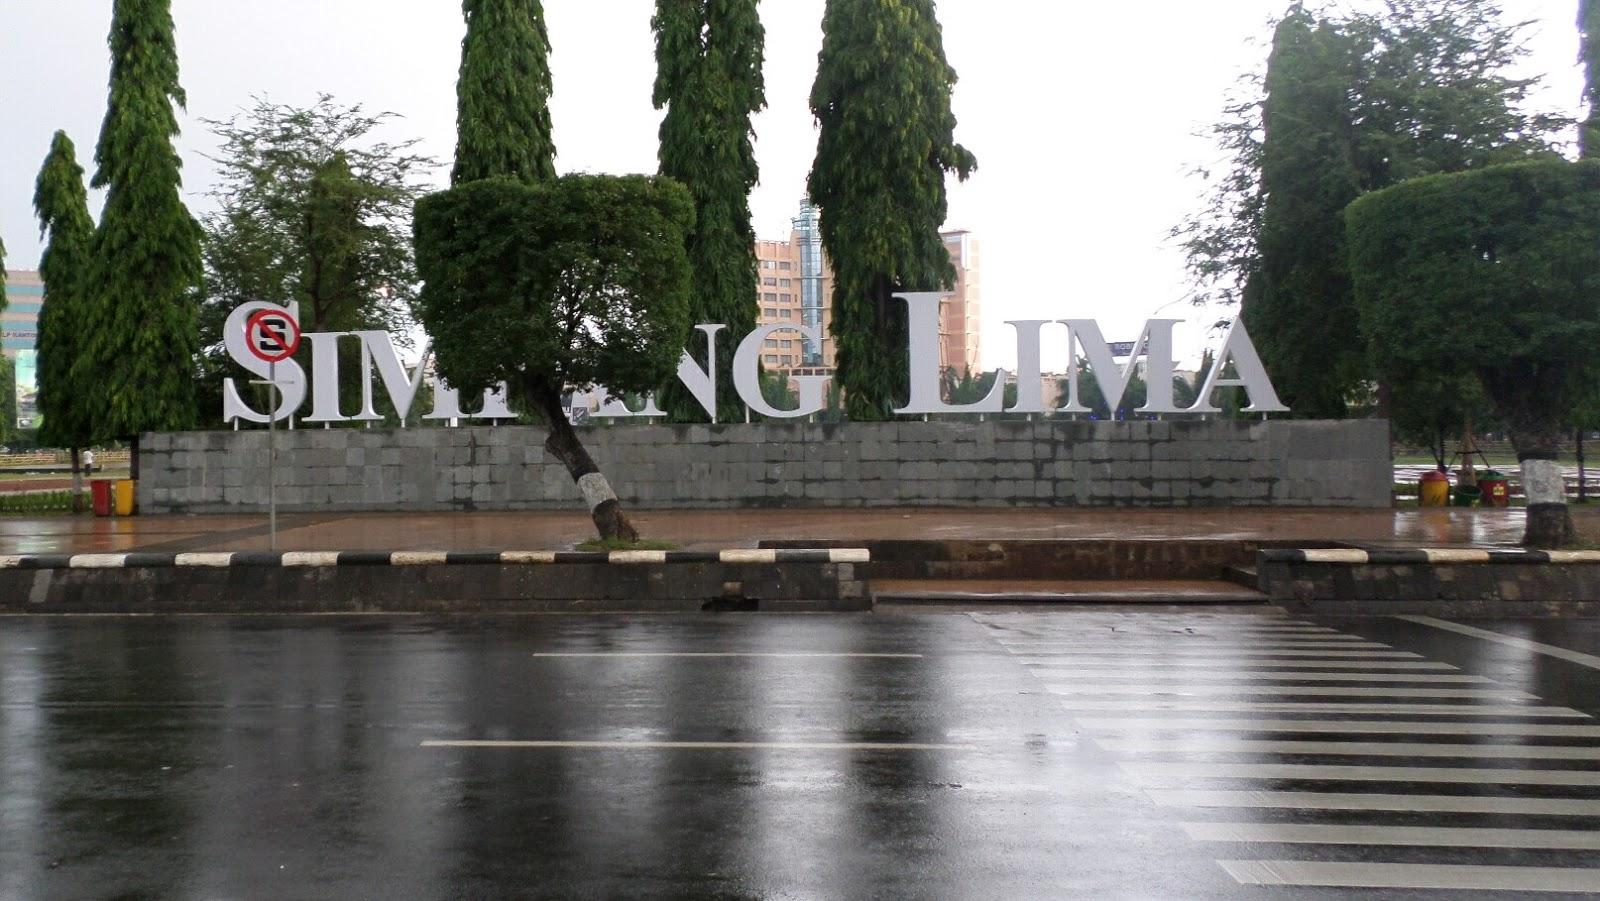 Wajah Ikon Simpang Lima Semarang Kab